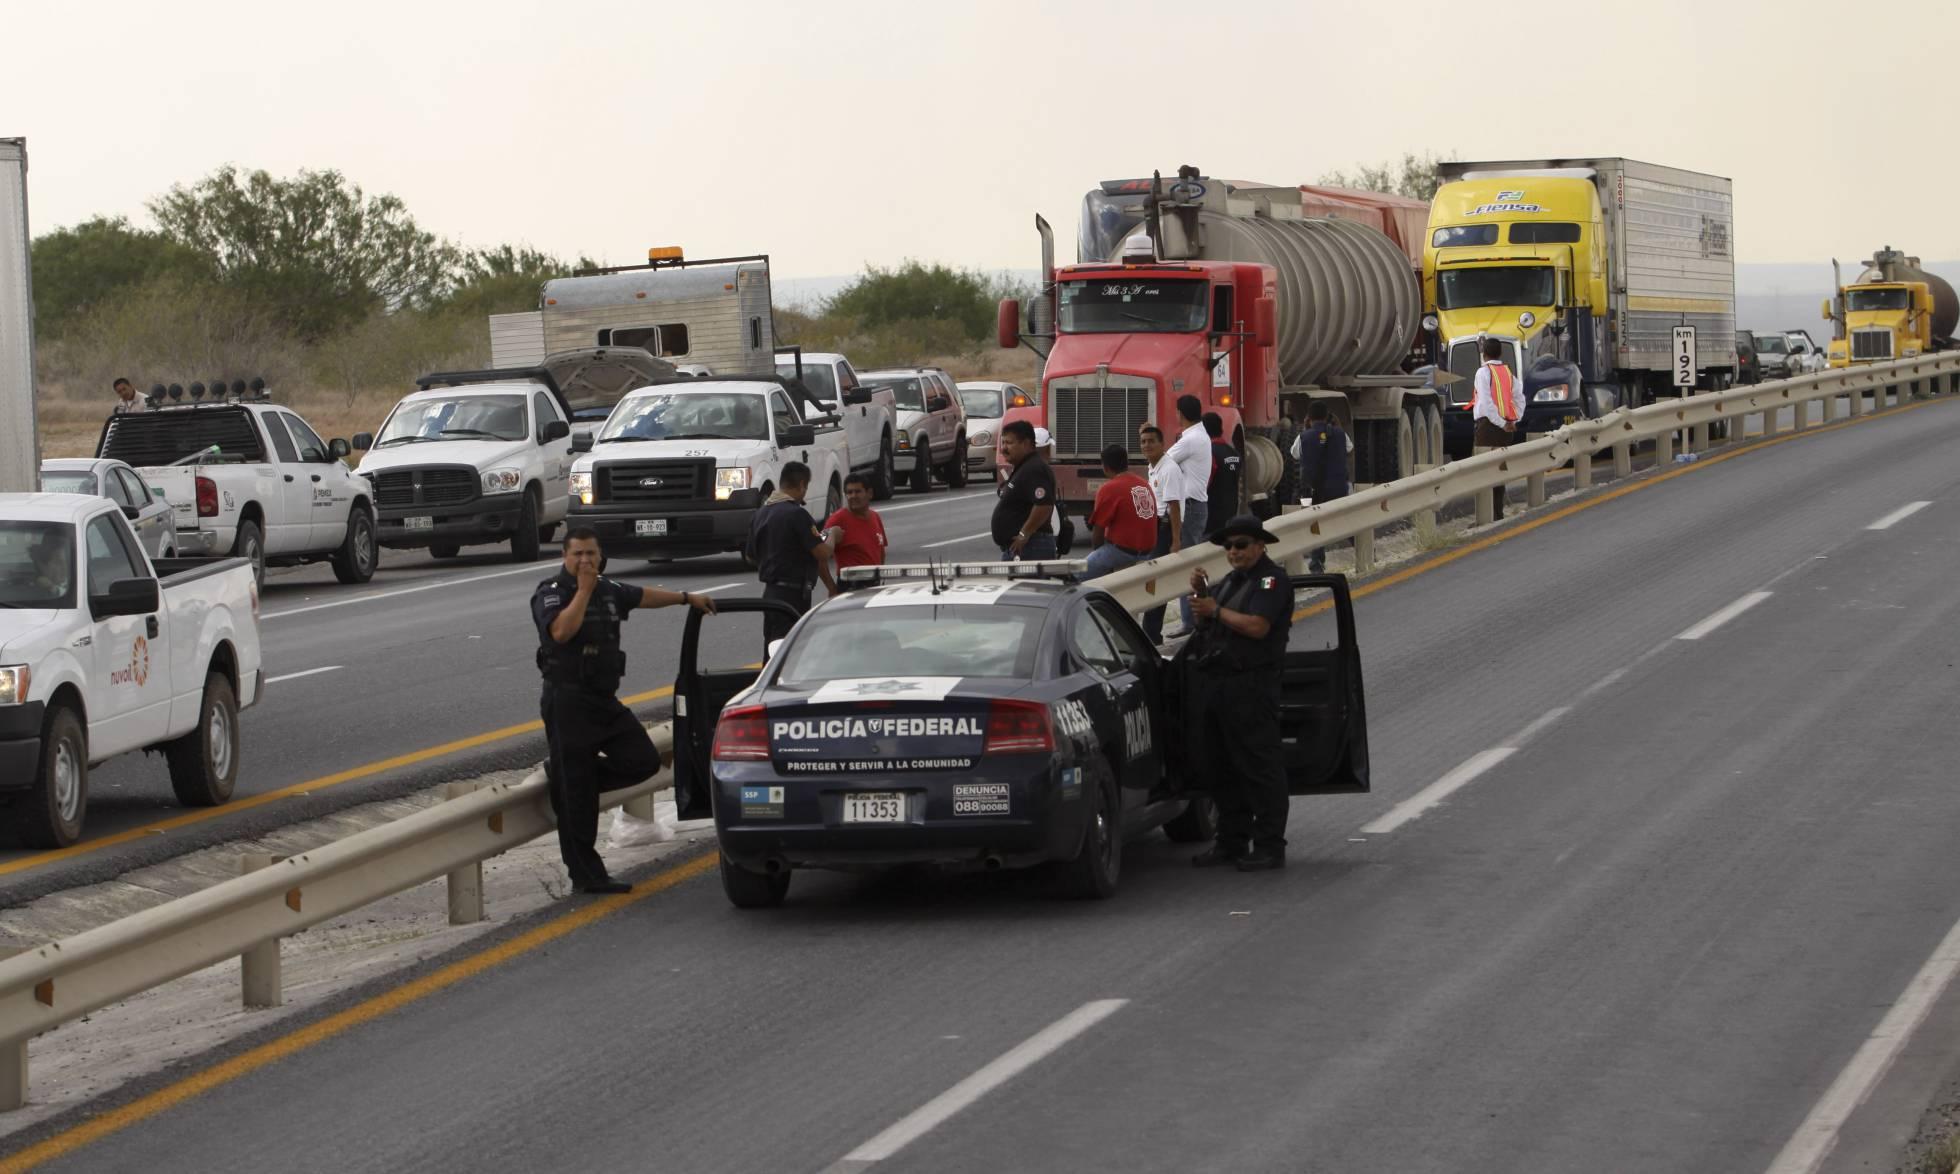 Secuestrados 22 migrantes en un autobús en el Estado mexicano de Tamaulipas